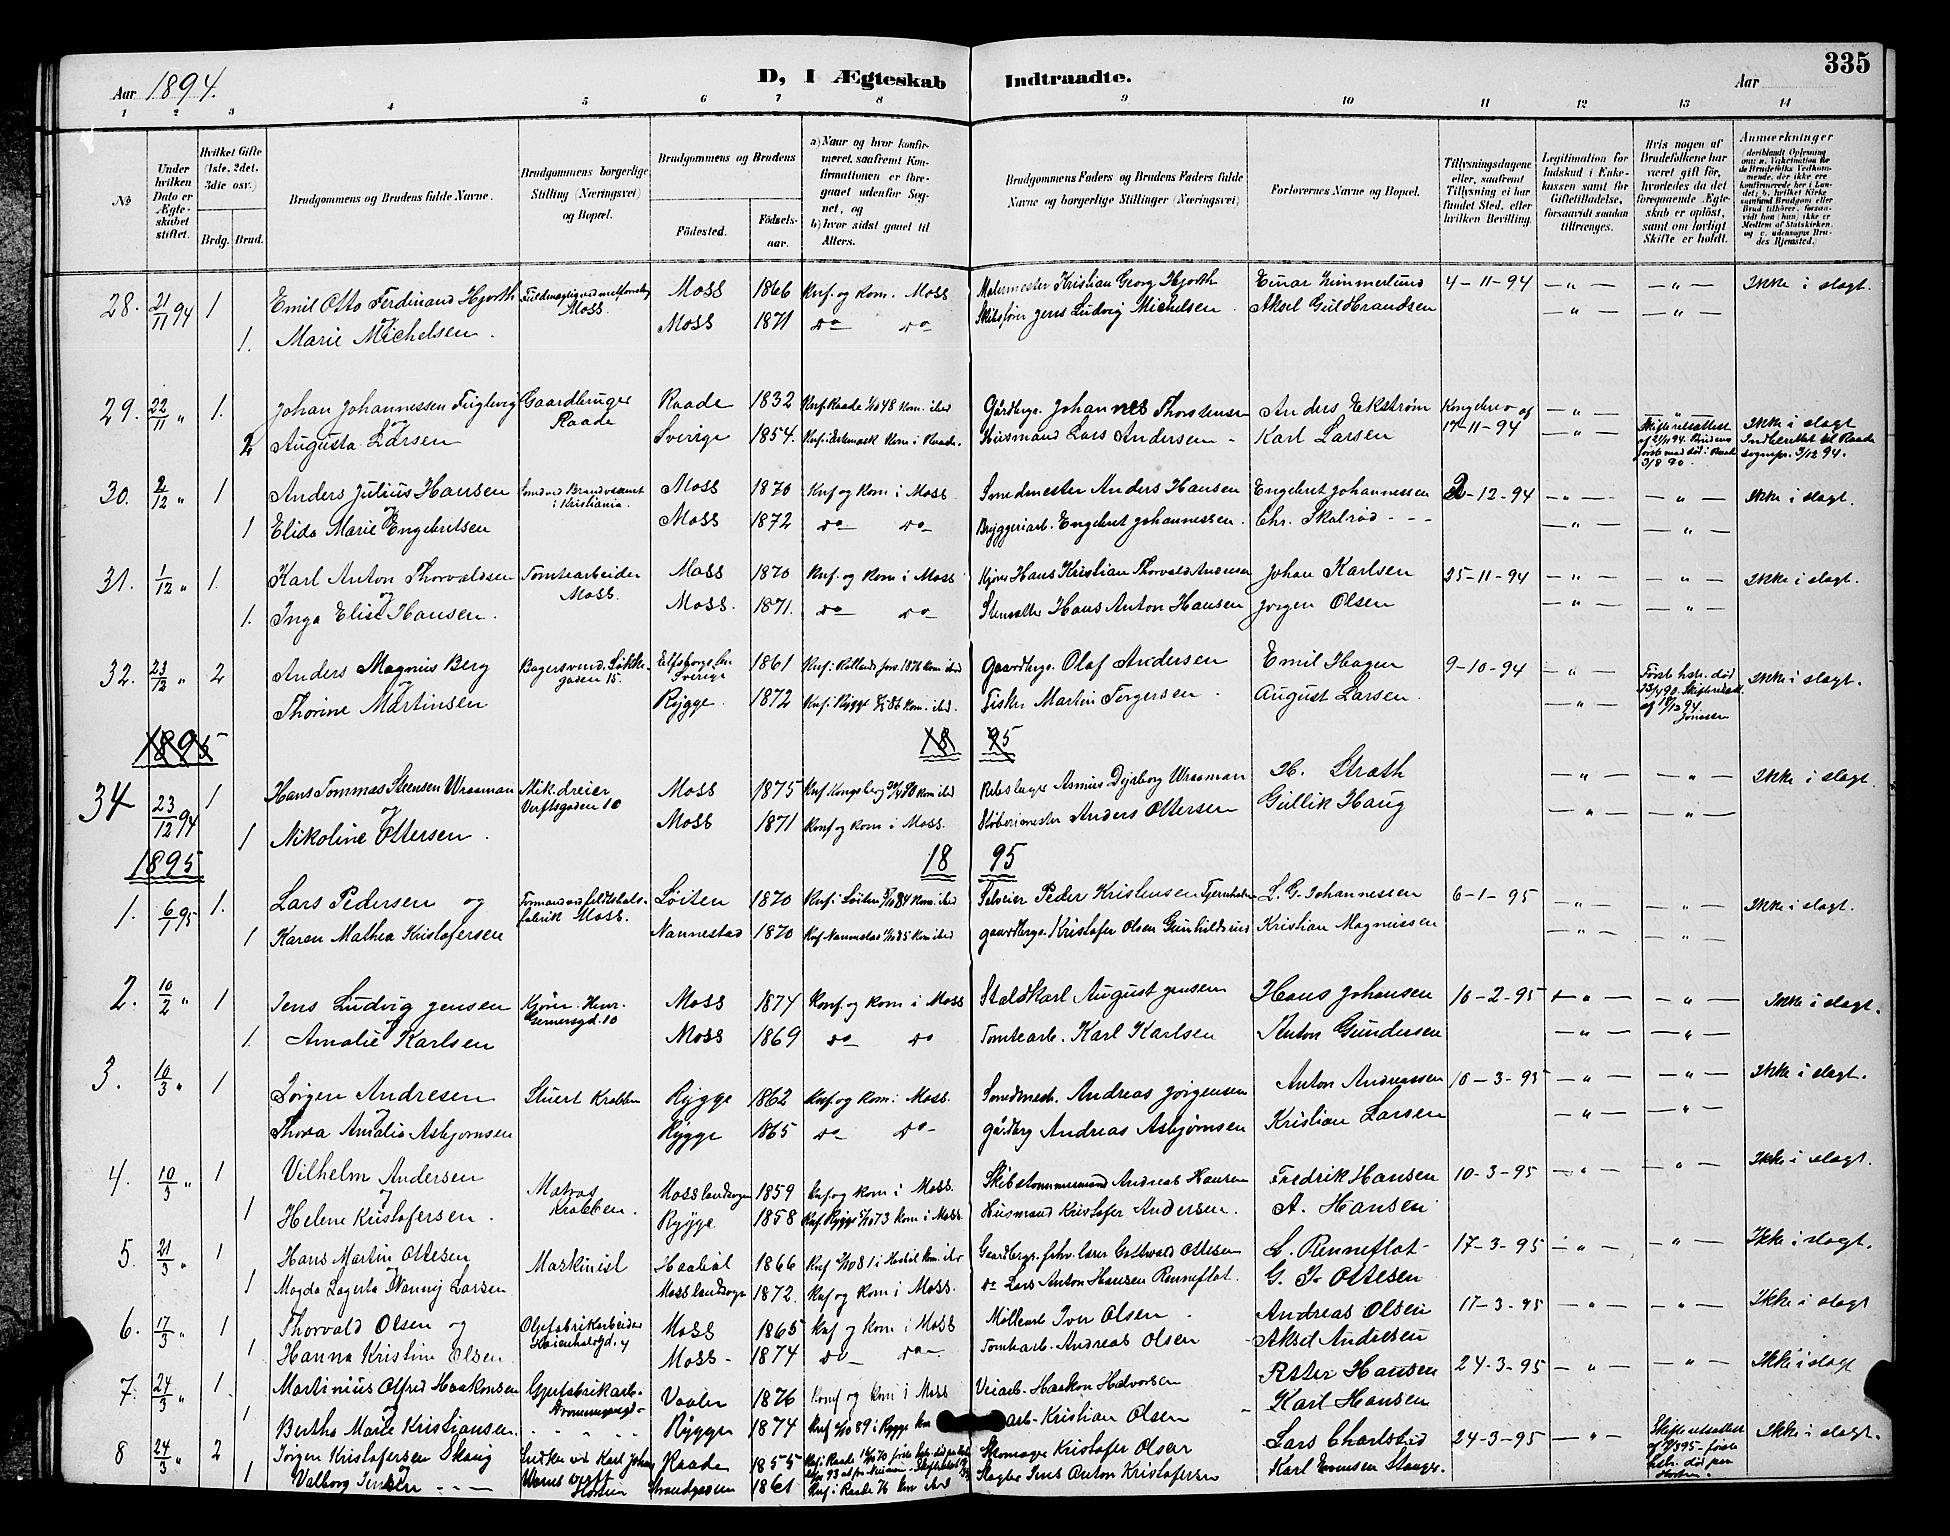 SAO, Moss prestekontor Kirkebøker, G/Ga/L0006: Klokkerbok nr. I 6, 1889-1900, s. 335